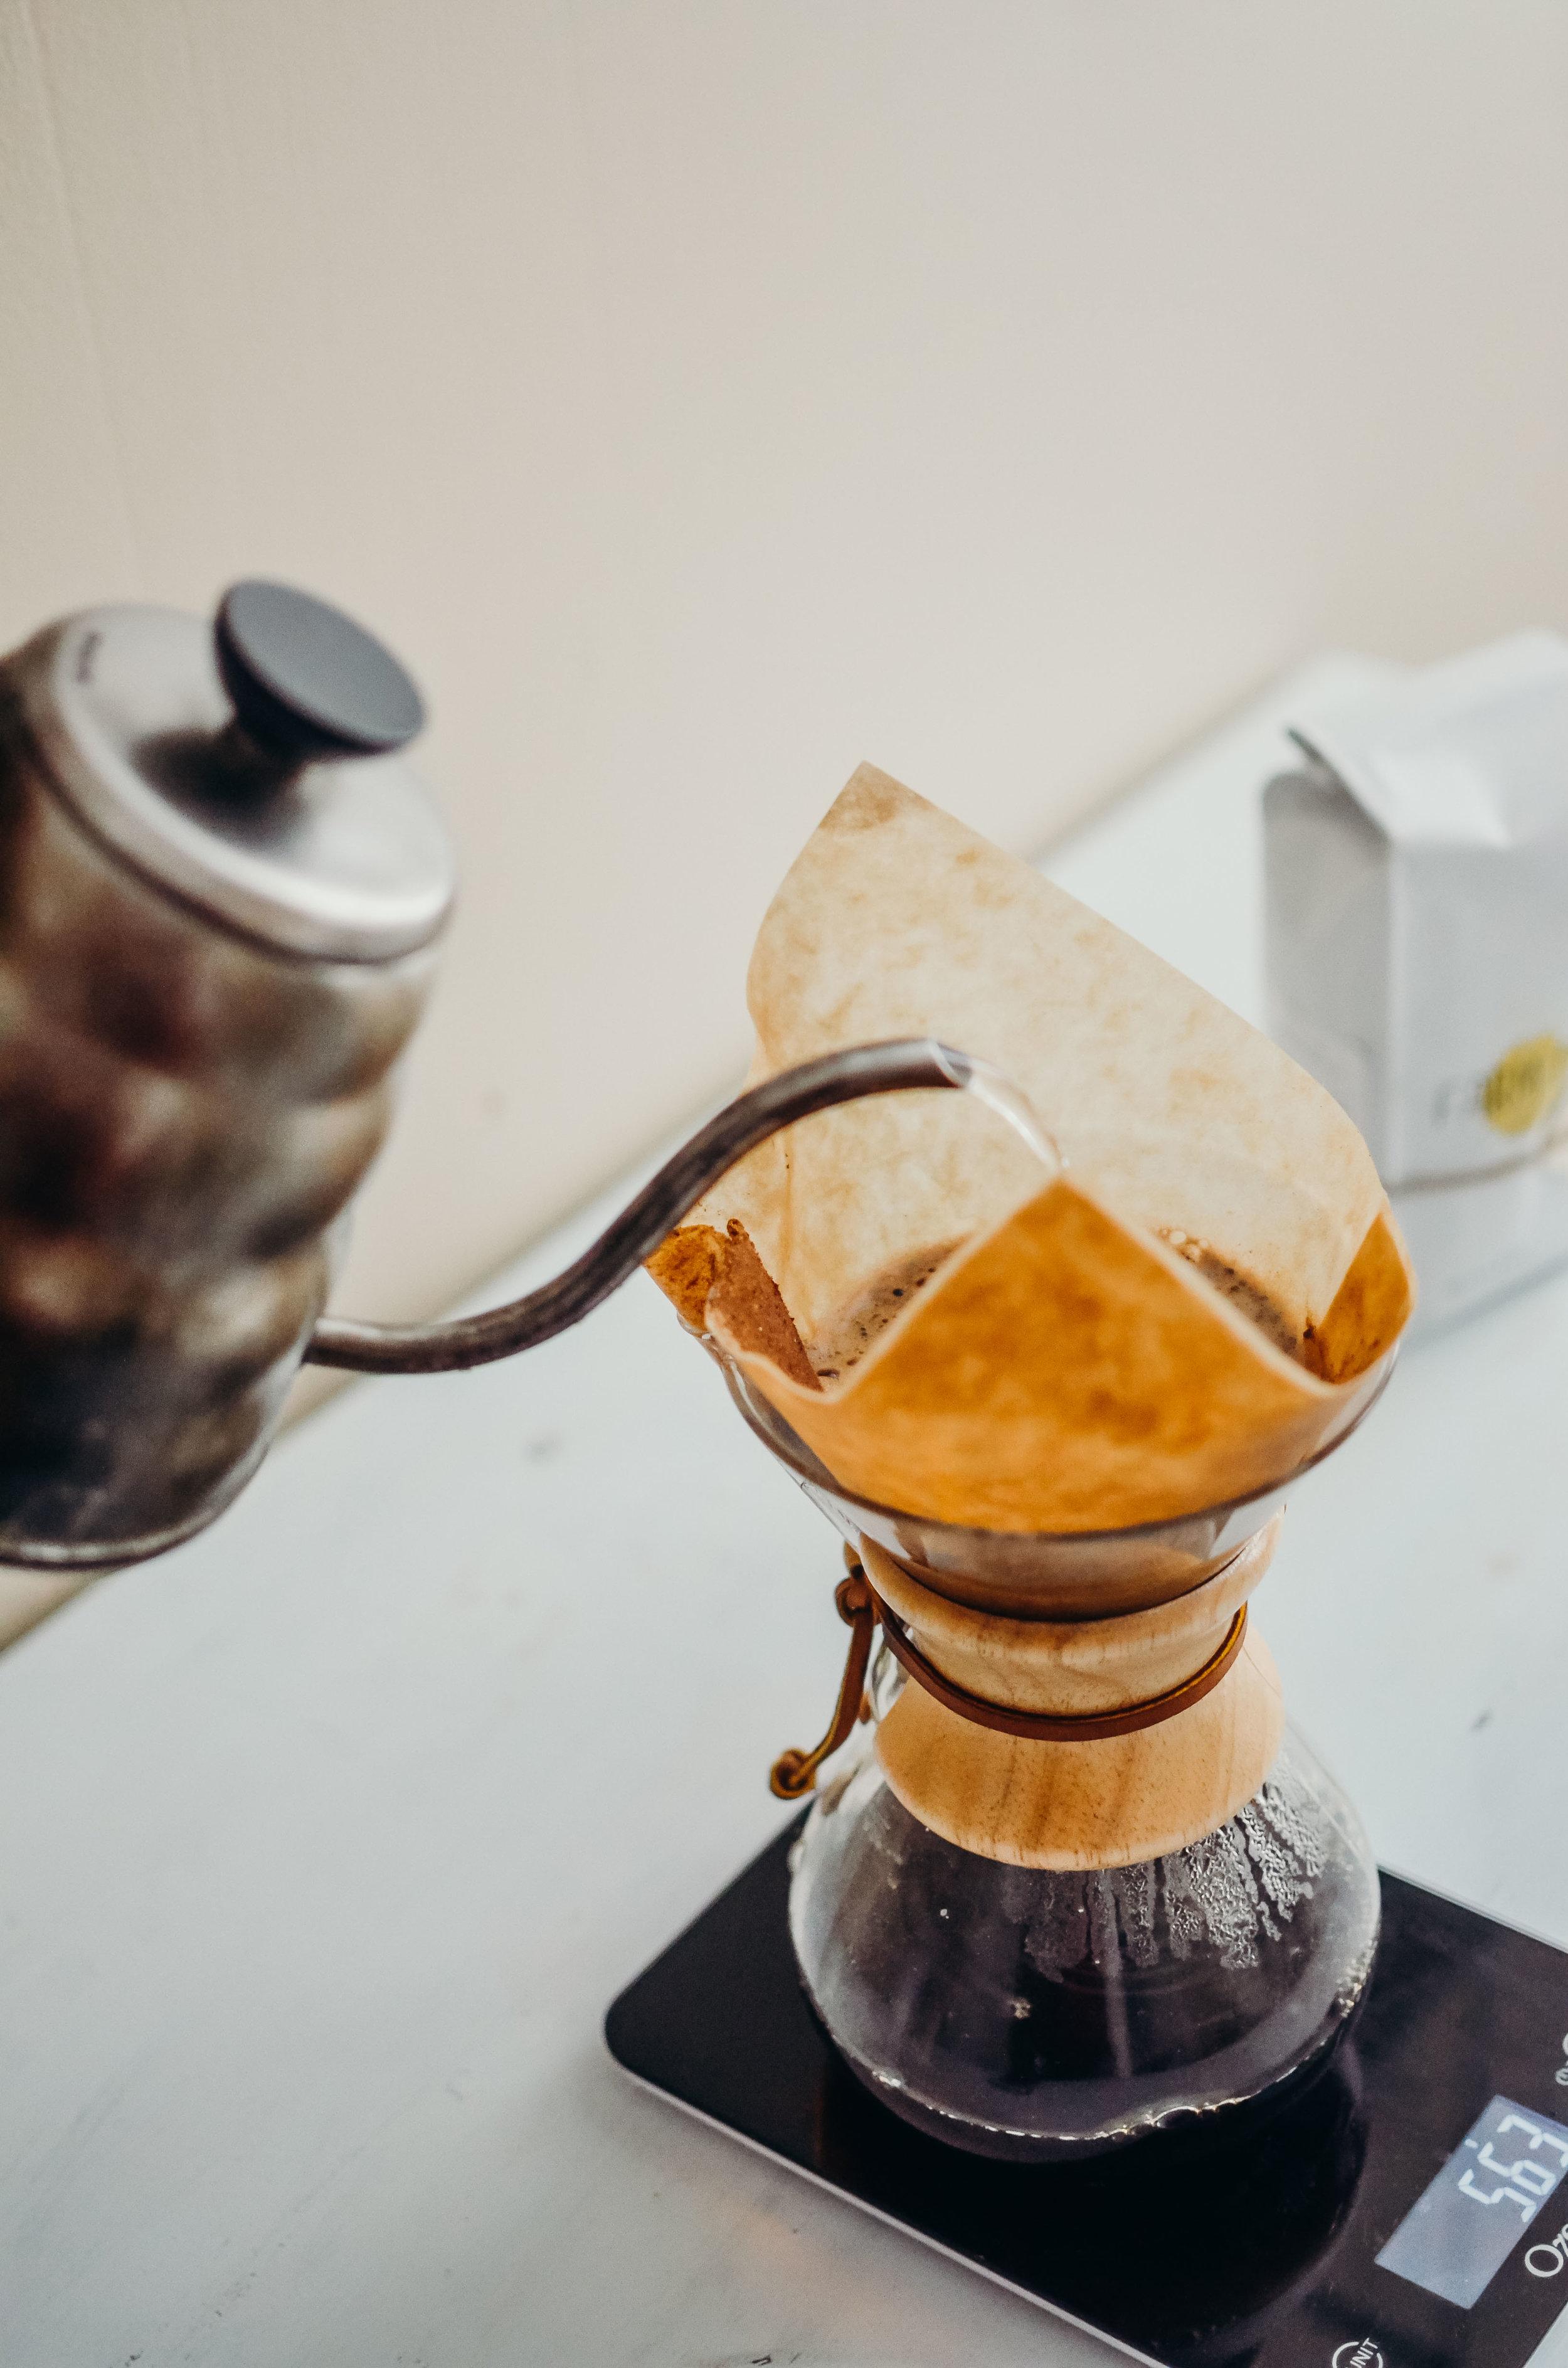 Wendling_Boyd_Farm_Cup_Coffee_Coffee_Culture-10.jpg